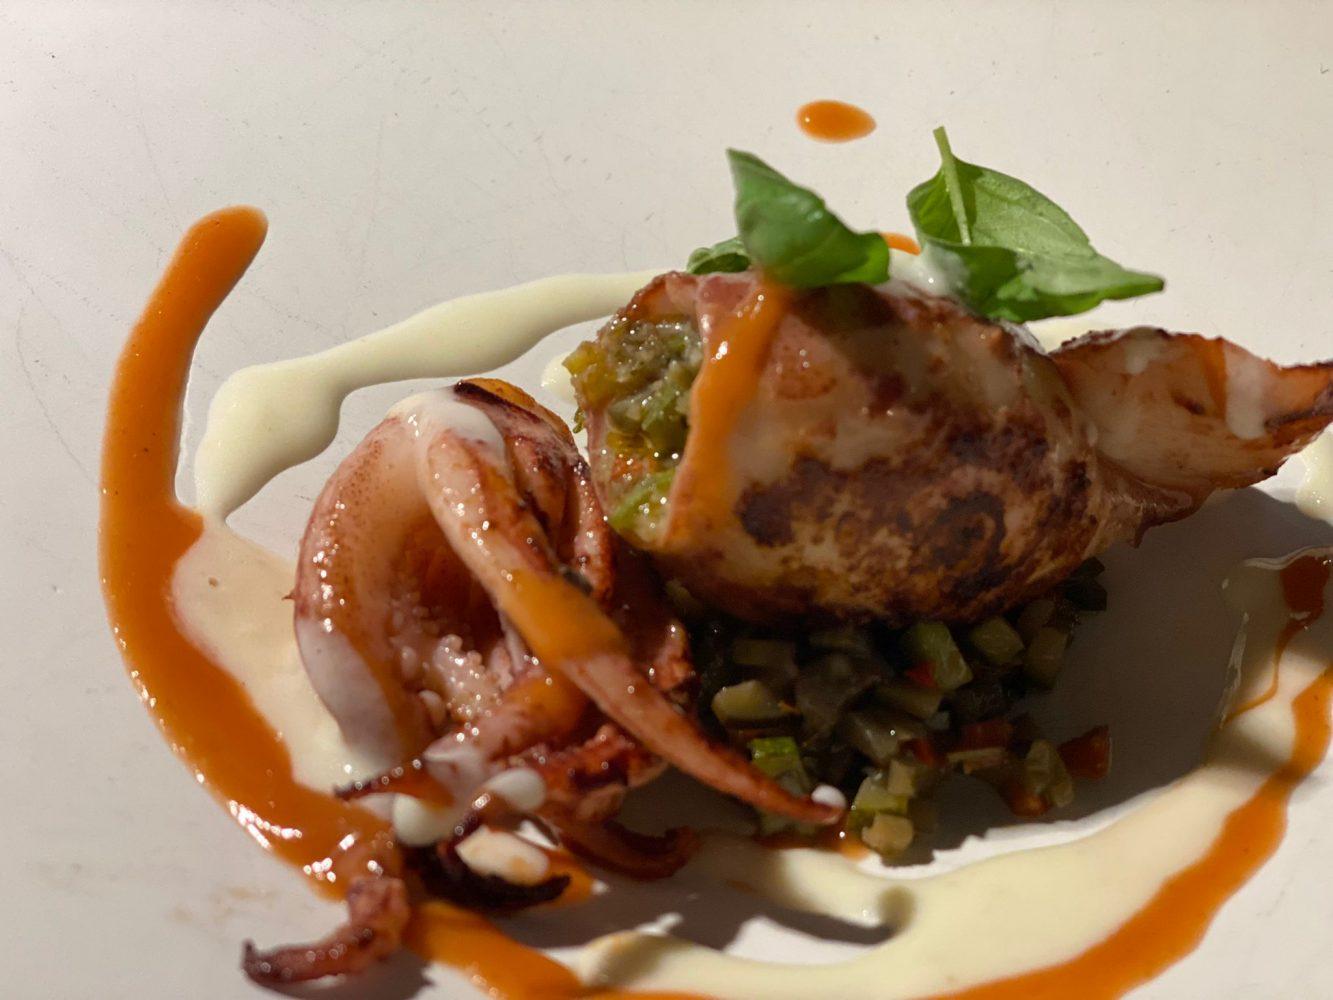 La Crestarella - Totanetto ripieno con ciambotta, ristretto di pomodoro, fonduta provola